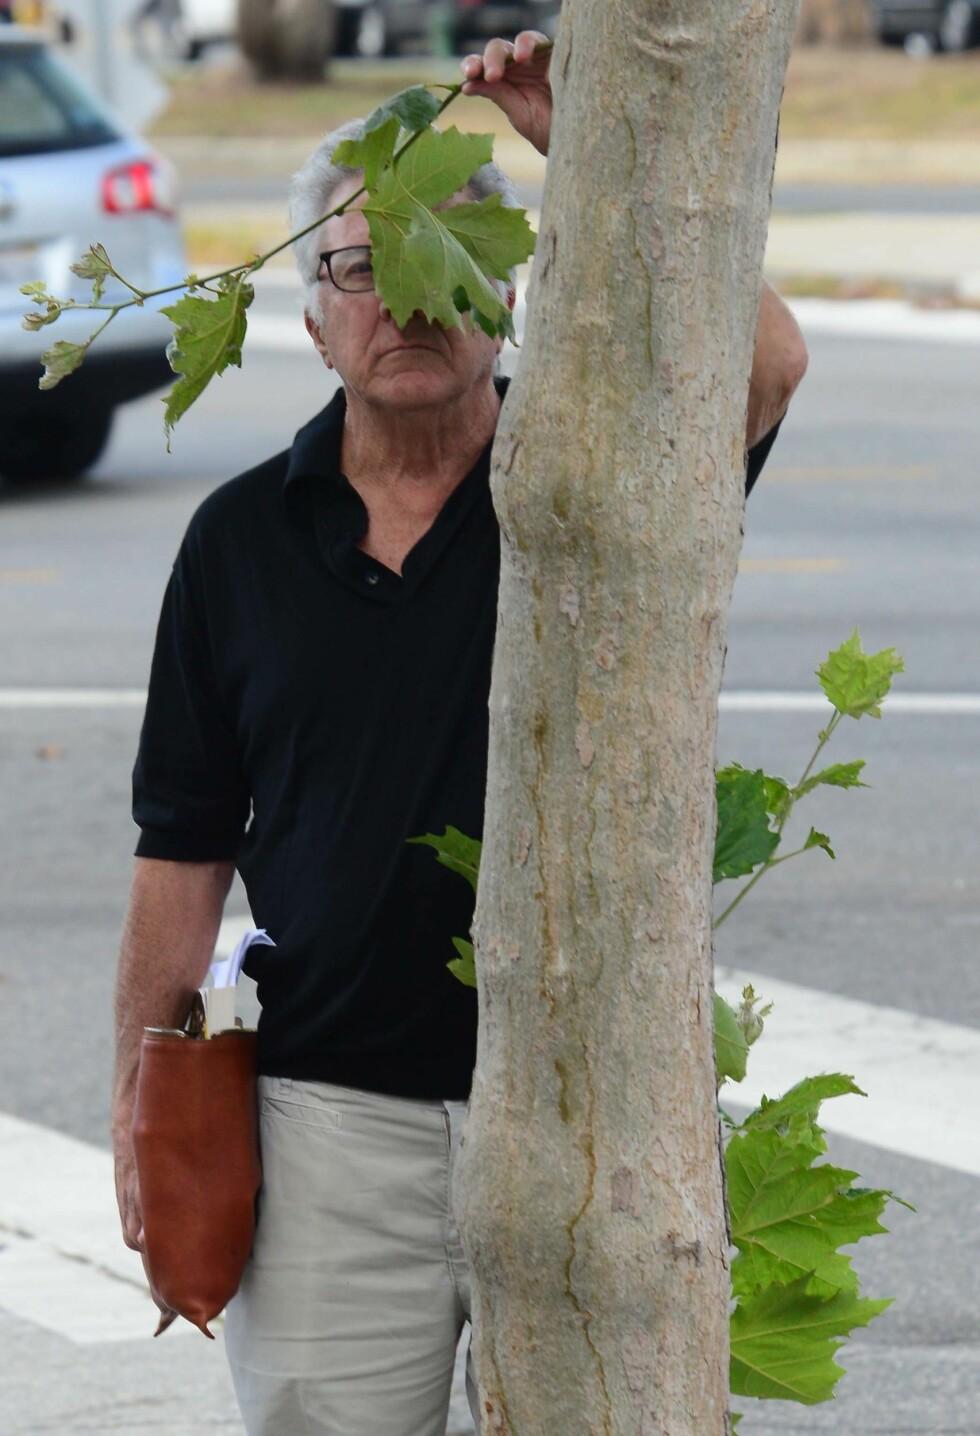 MORSOM TYPE: Vi elsker Dustin Hoffman som «gjør alt han kan» for å gjemme seg fra paparazziene. Foto: Splash News